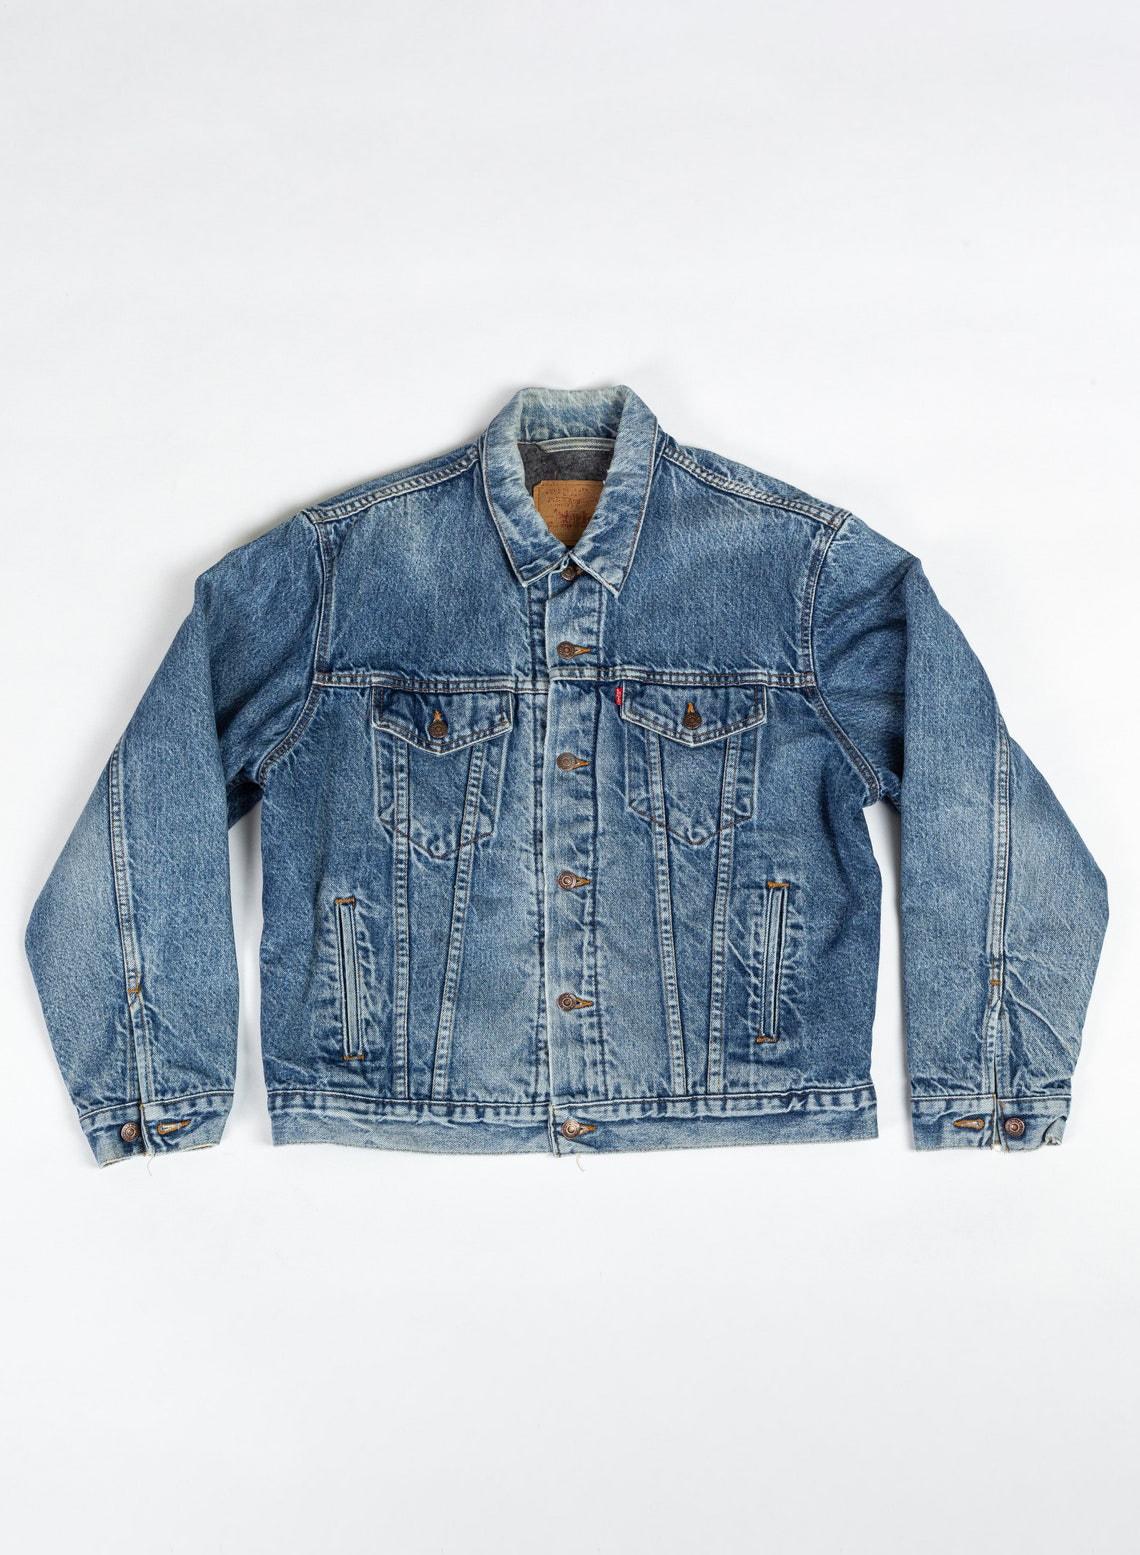 Vintage Levi's Blanket Lined Denim Jacket - 44, Men's Large   80s Unisex Jean Trucker Jacket